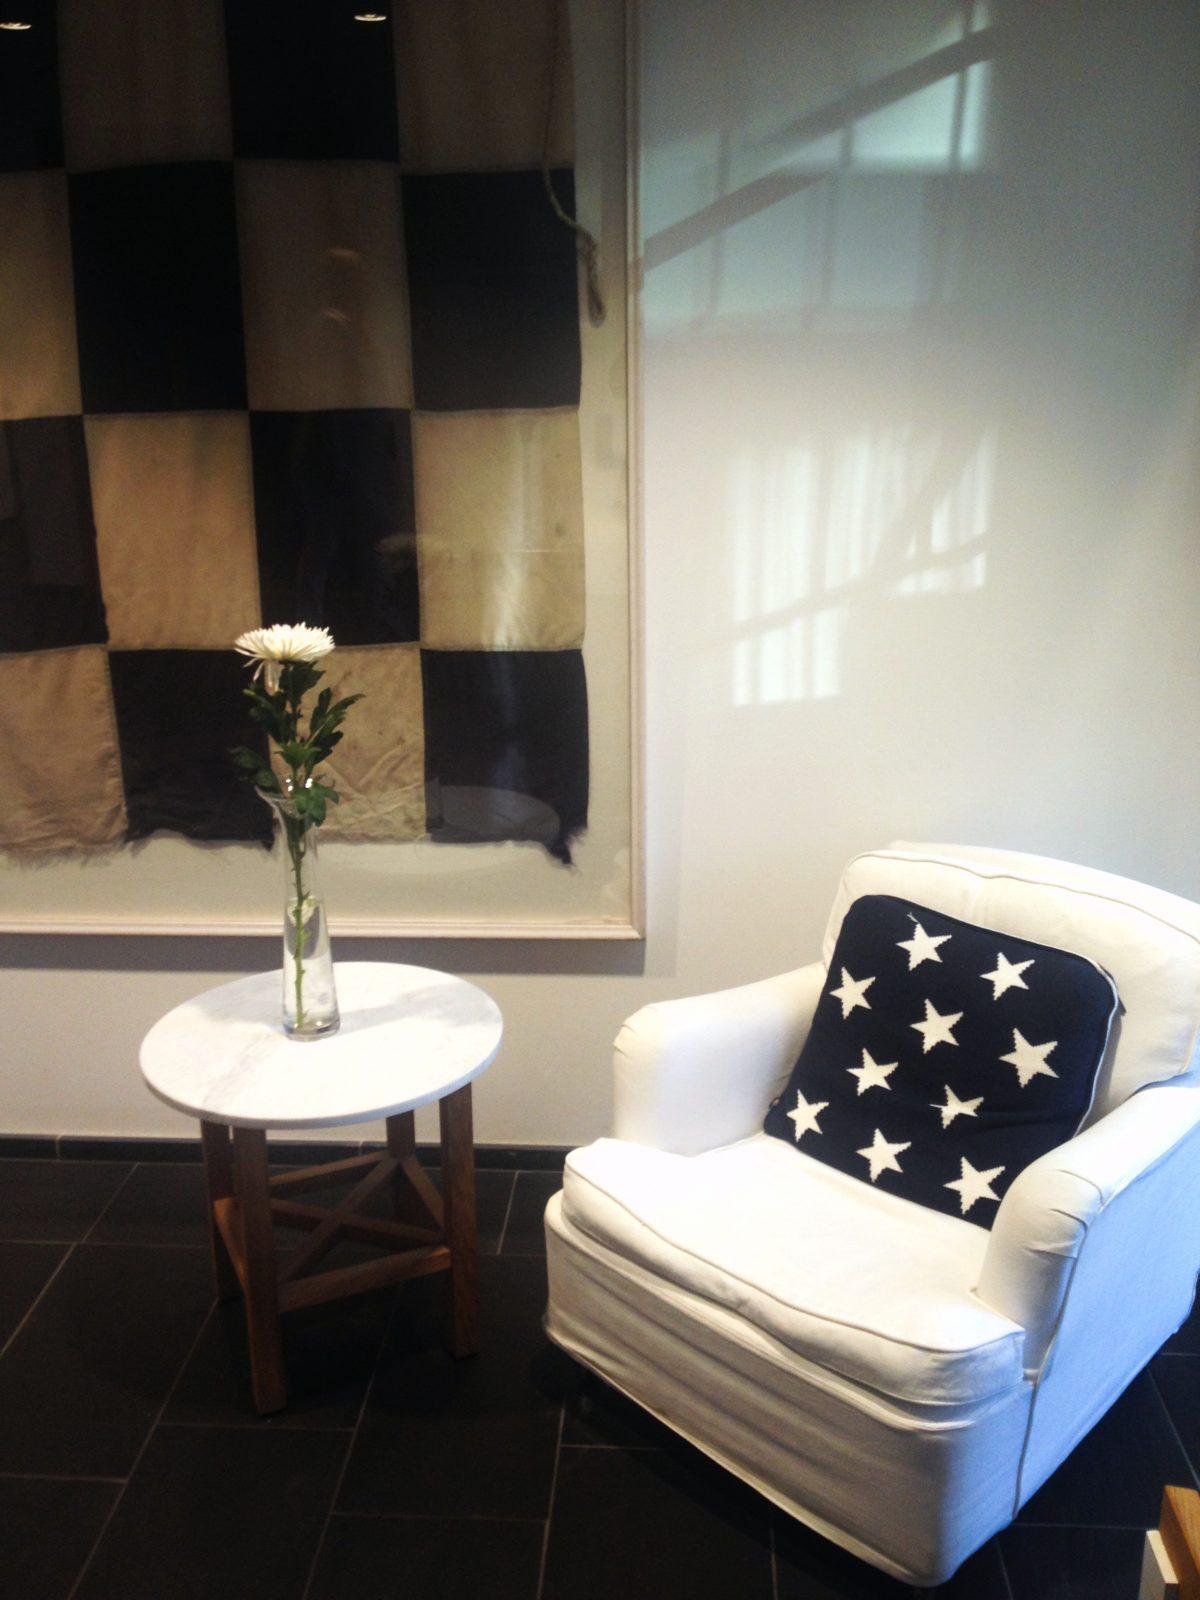 Todo en estilo newport en hotel J <br> Foto: Israel Úbeda / sweetsweden.com